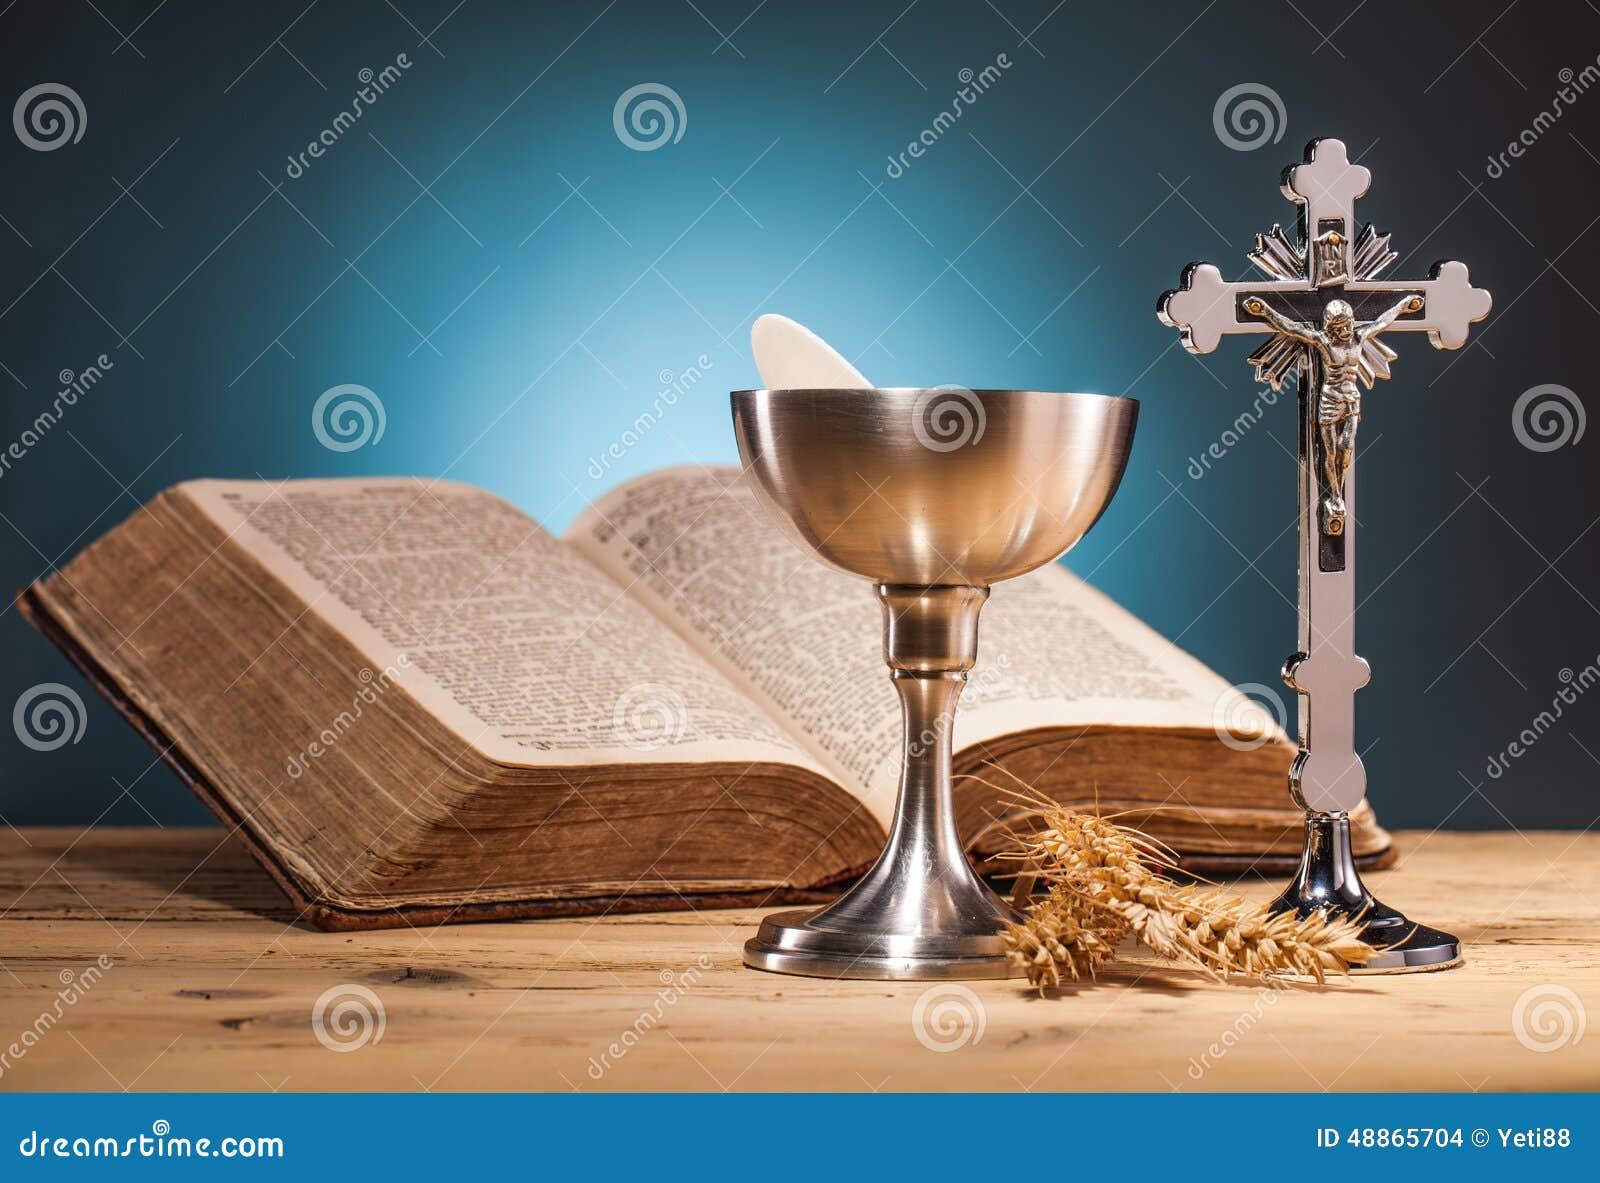 christian holy communion stock photo image 48865704 first communion clipart image first communion clipart free